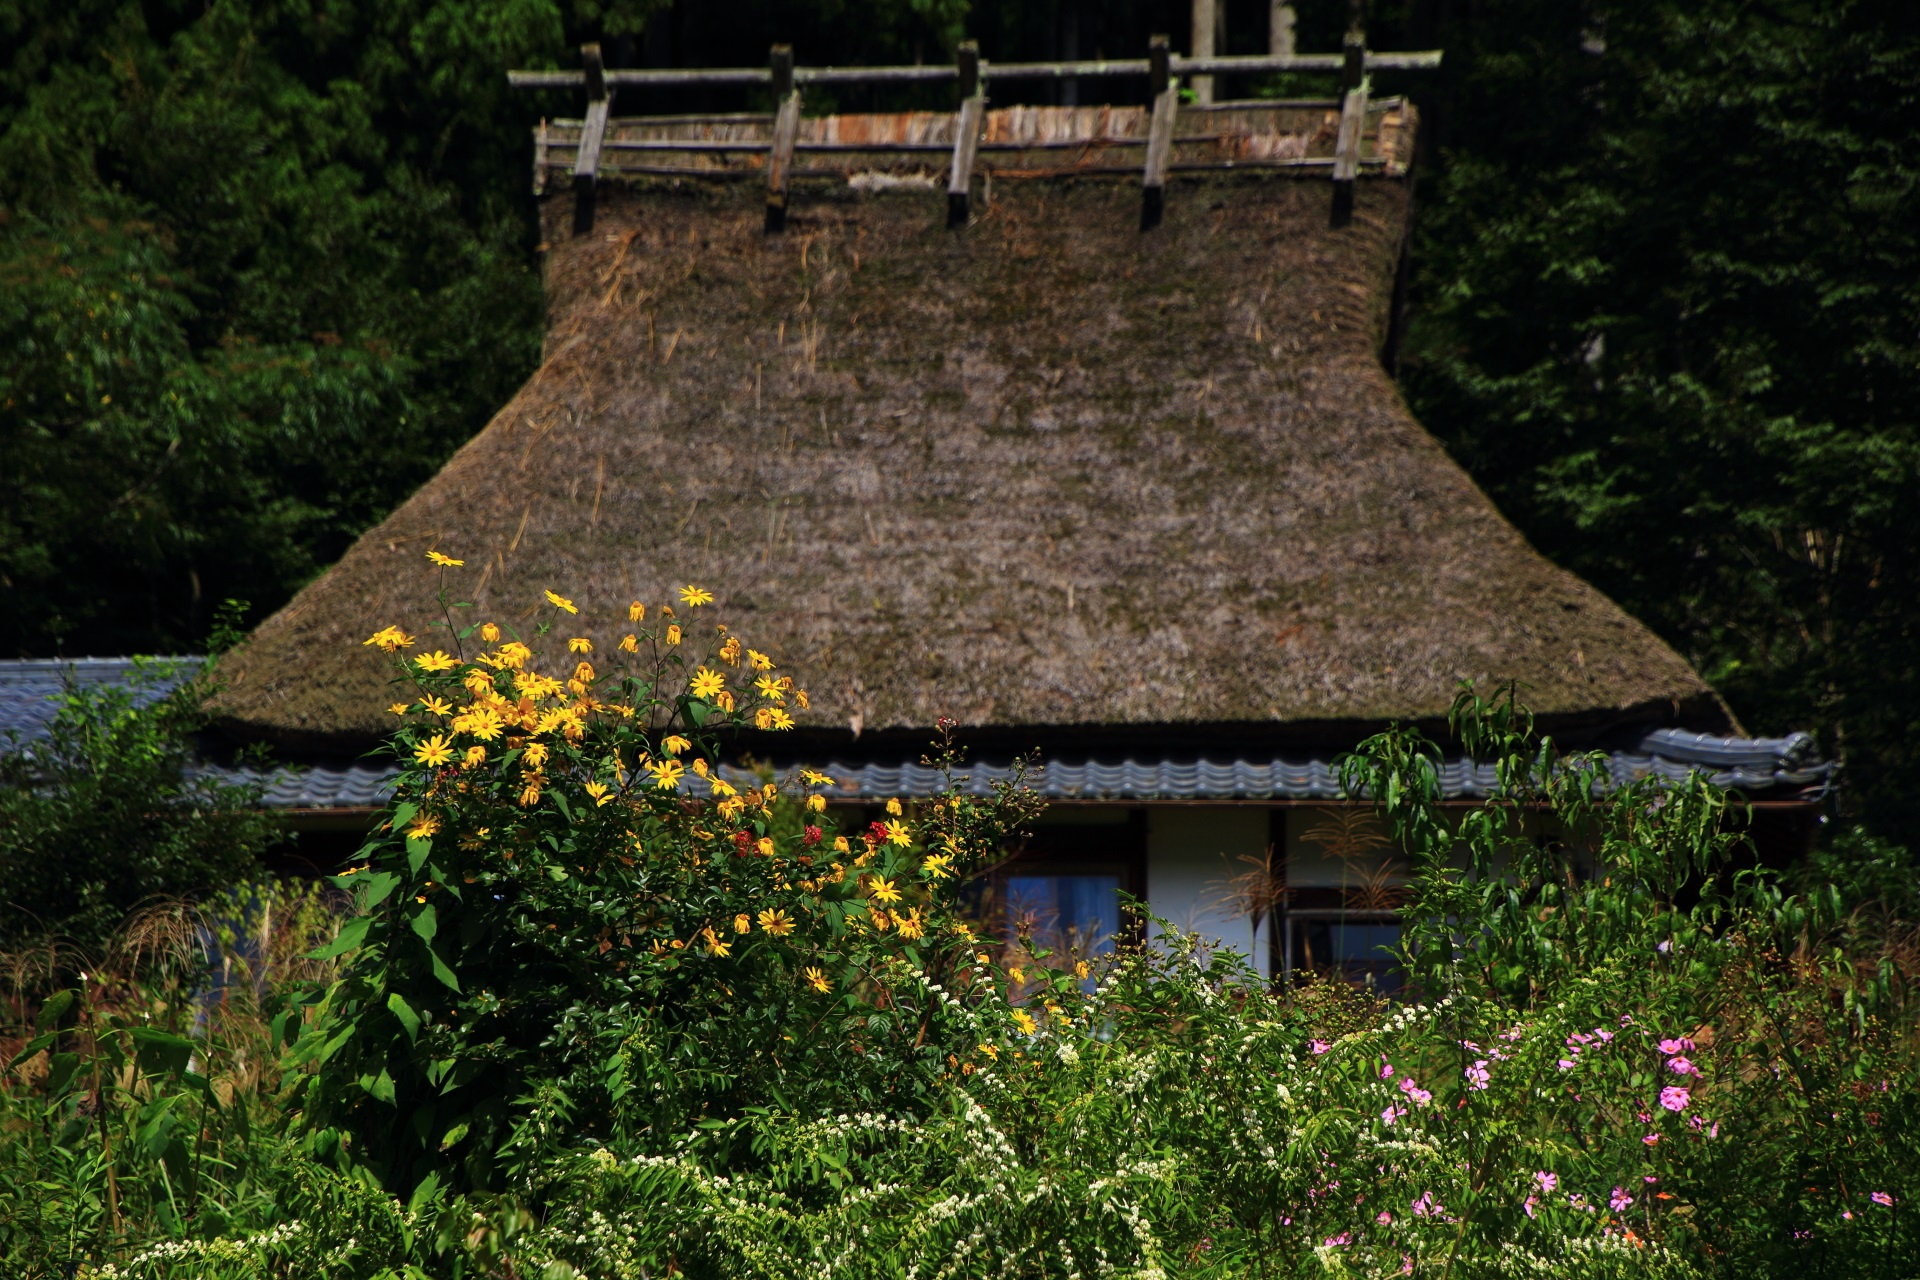 かやぶき屋根の家と菊のような黄色い花